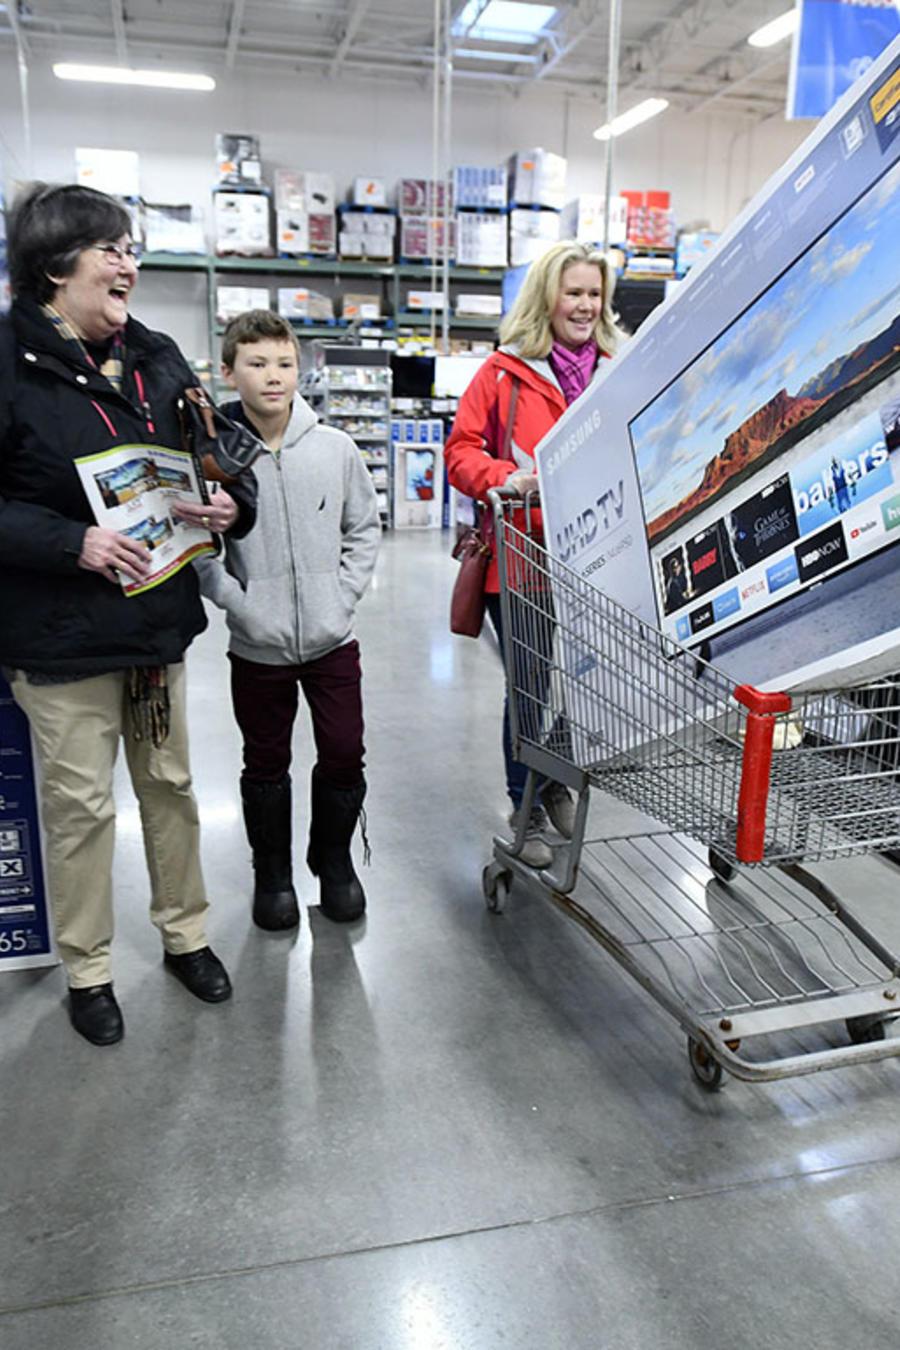 Una familia se dirige a la caja registradora tras haber comprado un televisor en oferta por el Bclak Friday.